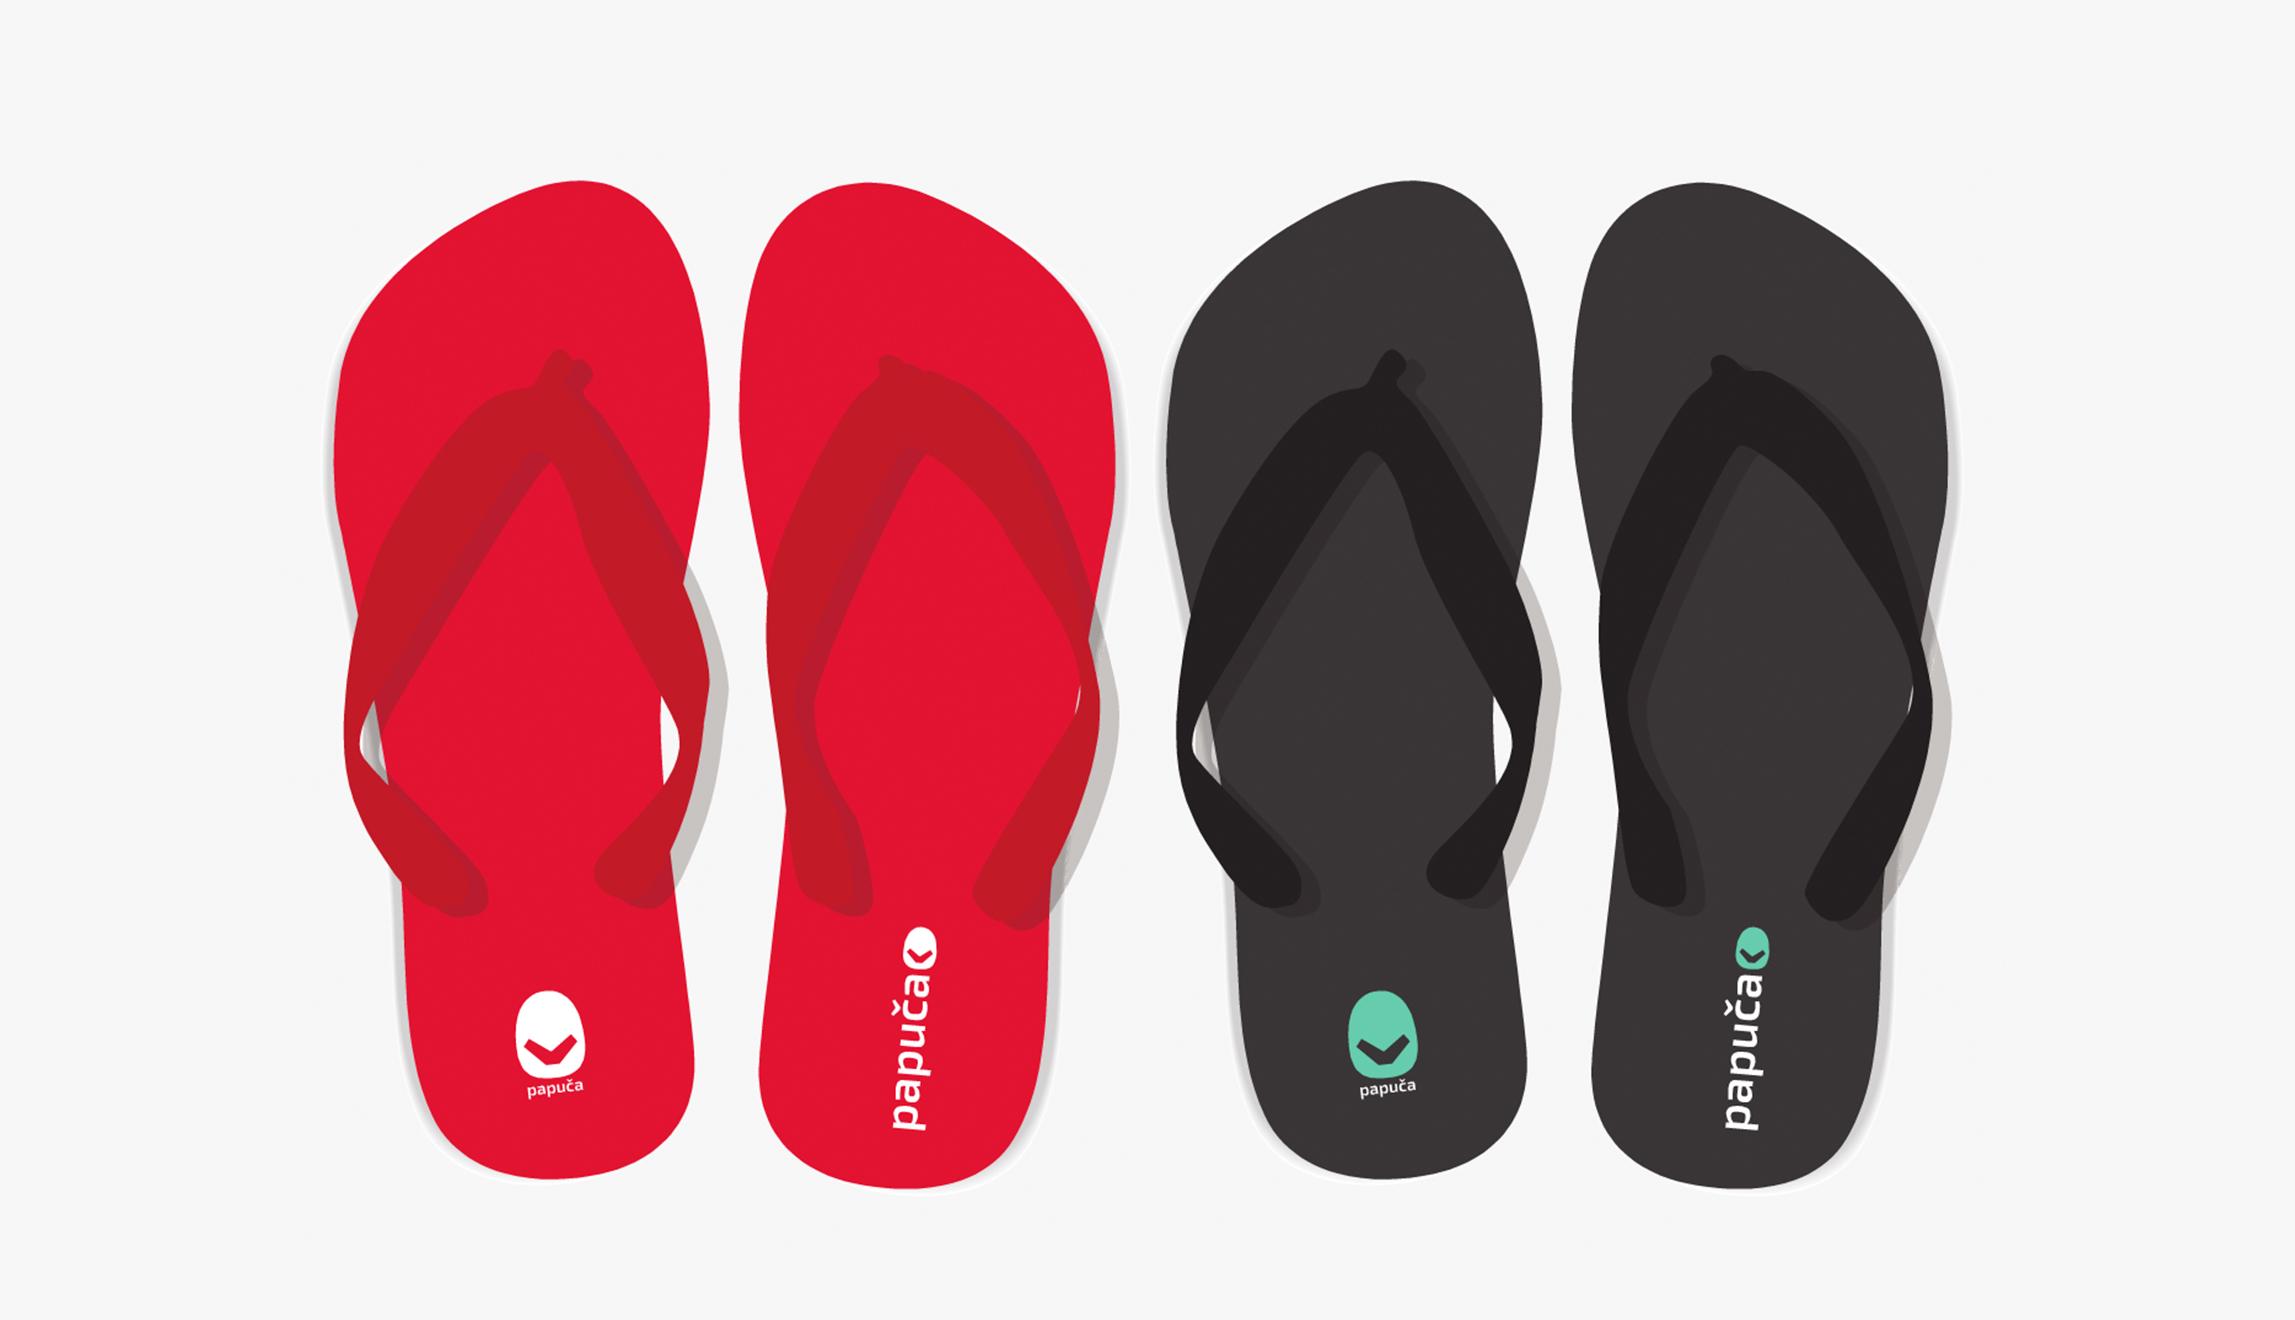 Papuca-10